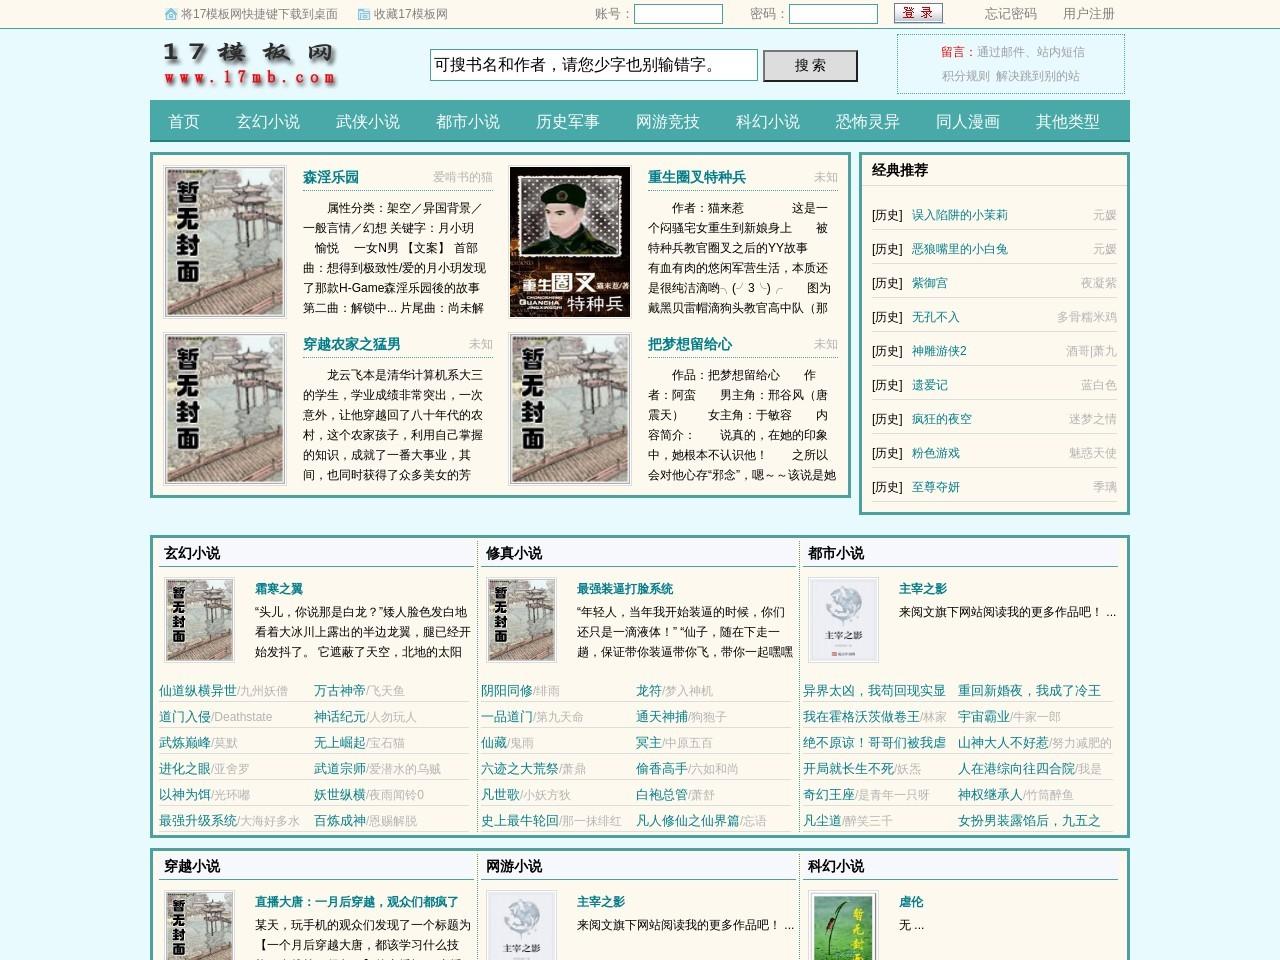 第二荷包网(www.2hebao.net)